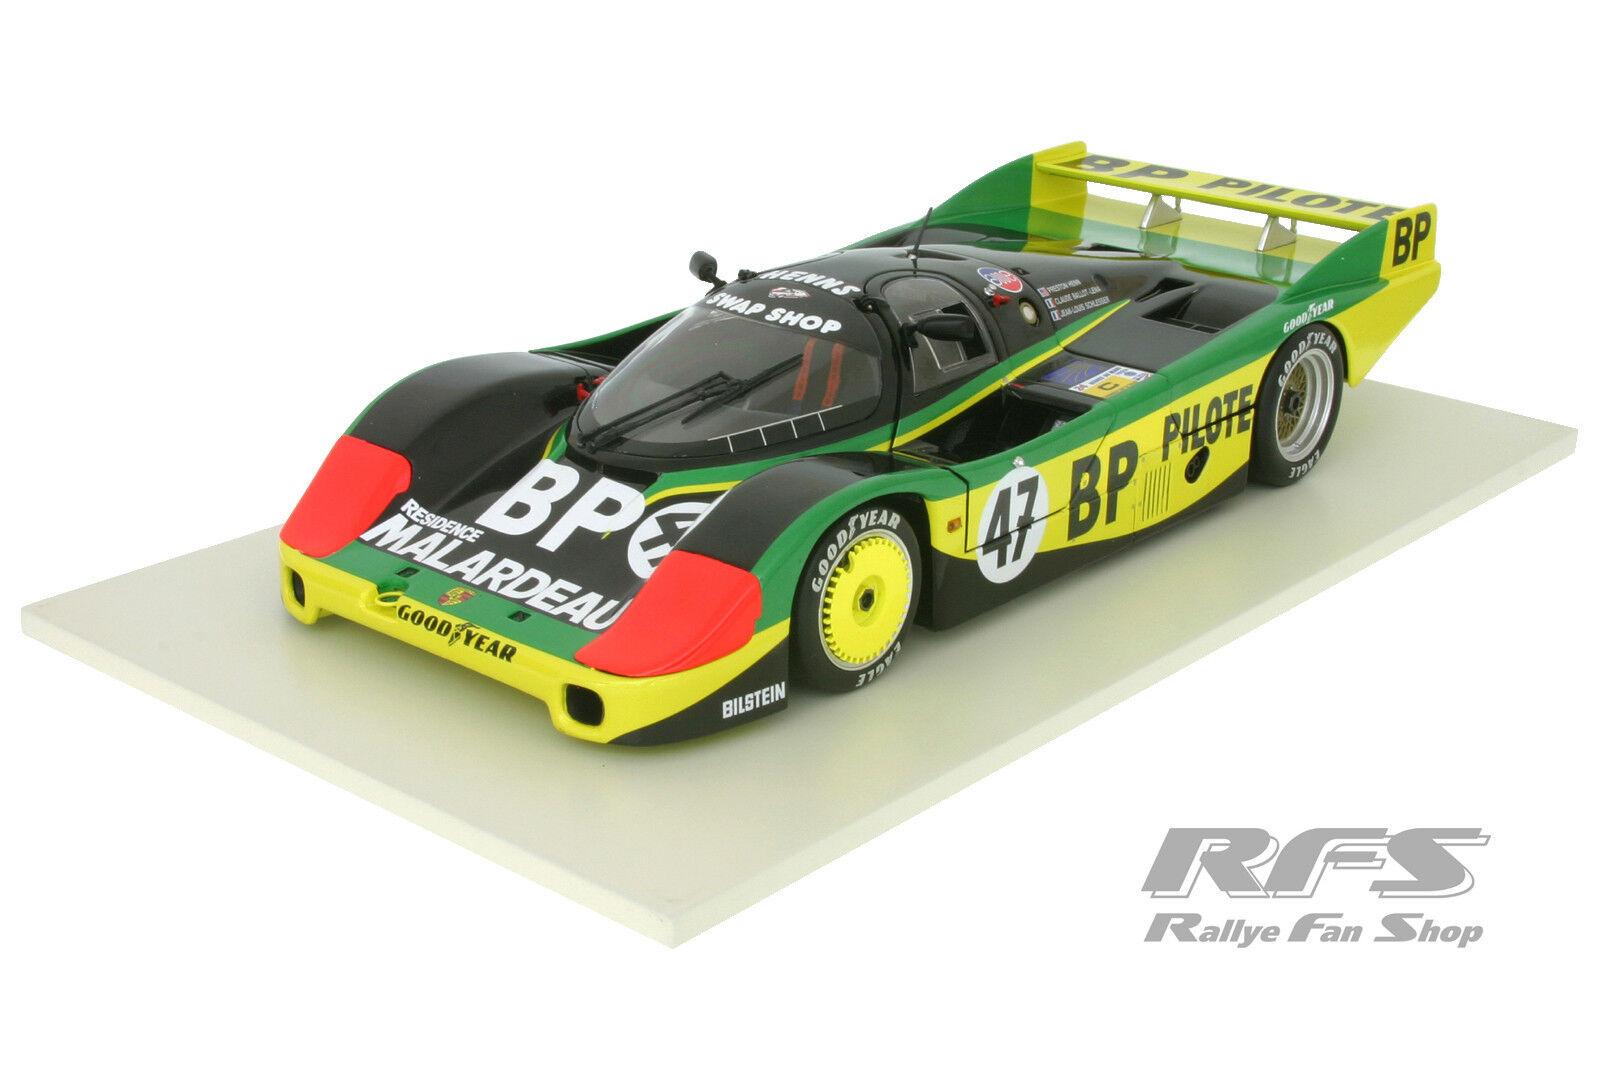 Entrega rápida y envío gratis en todos los pedidos. Porsche 956 lteam lteam lteam Preston Henn T-Bird 24h le mans 1983 1 18 Minichamps 180836947  precios bajos